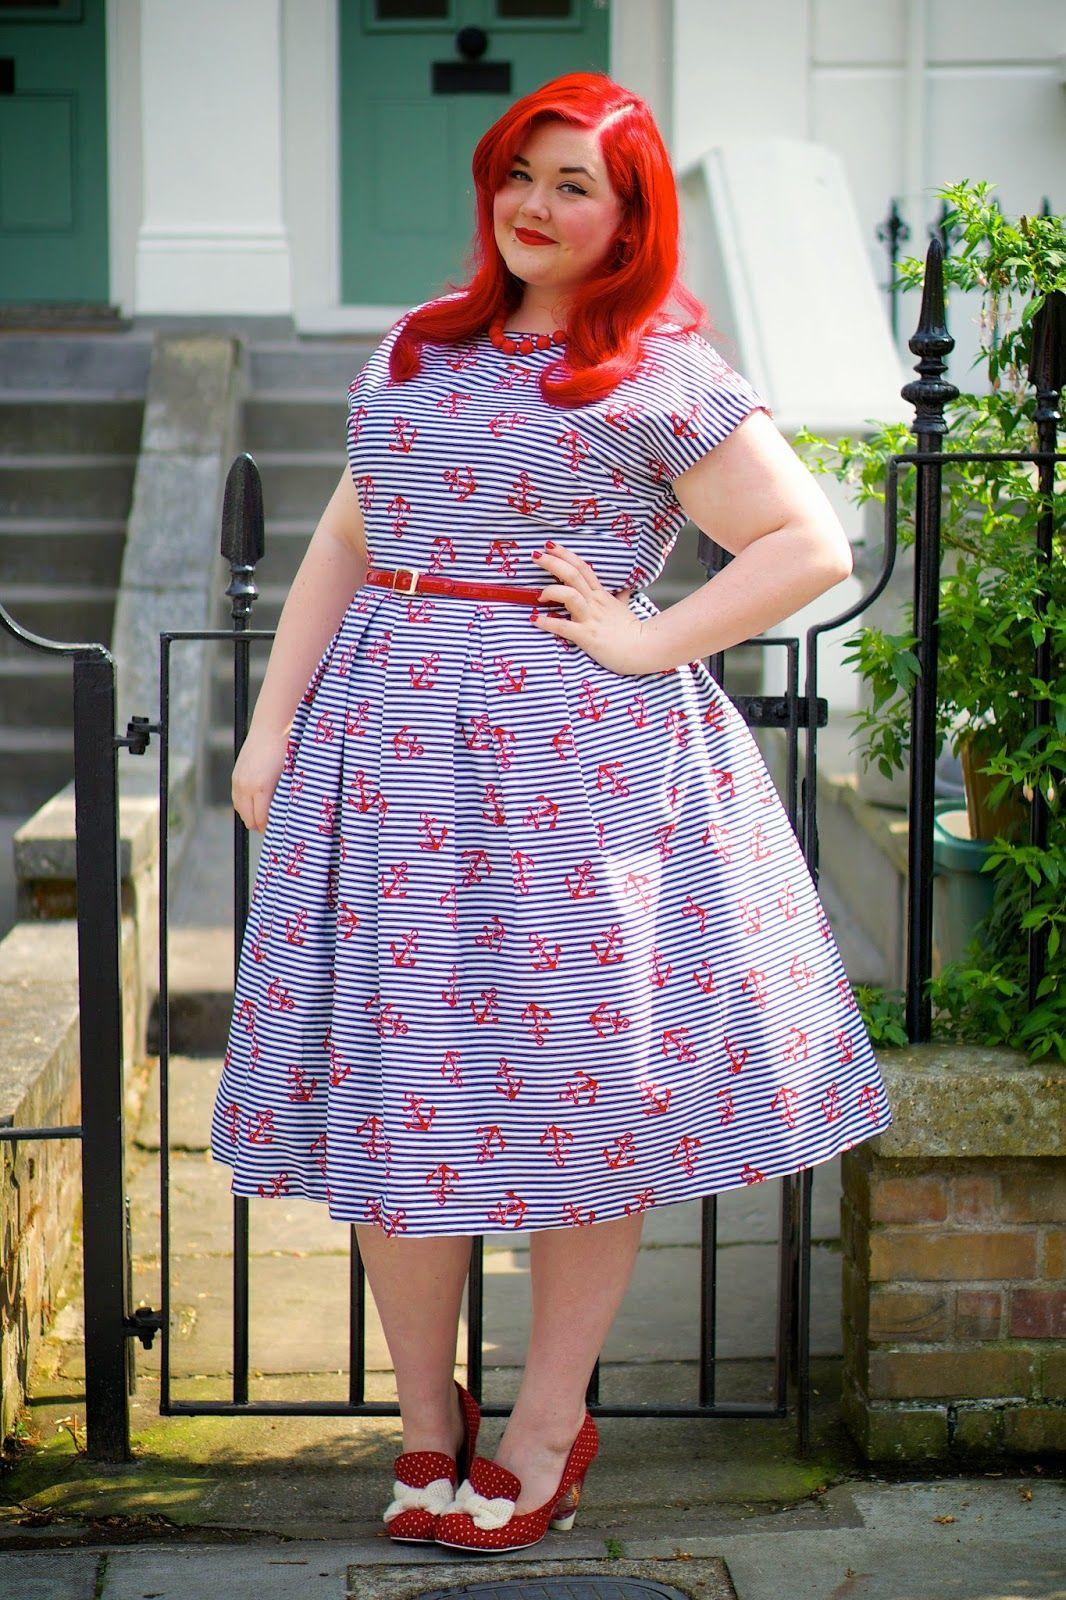 Hermoso vestido casual | bellas gorditas | Pinterest | Hermosa ...